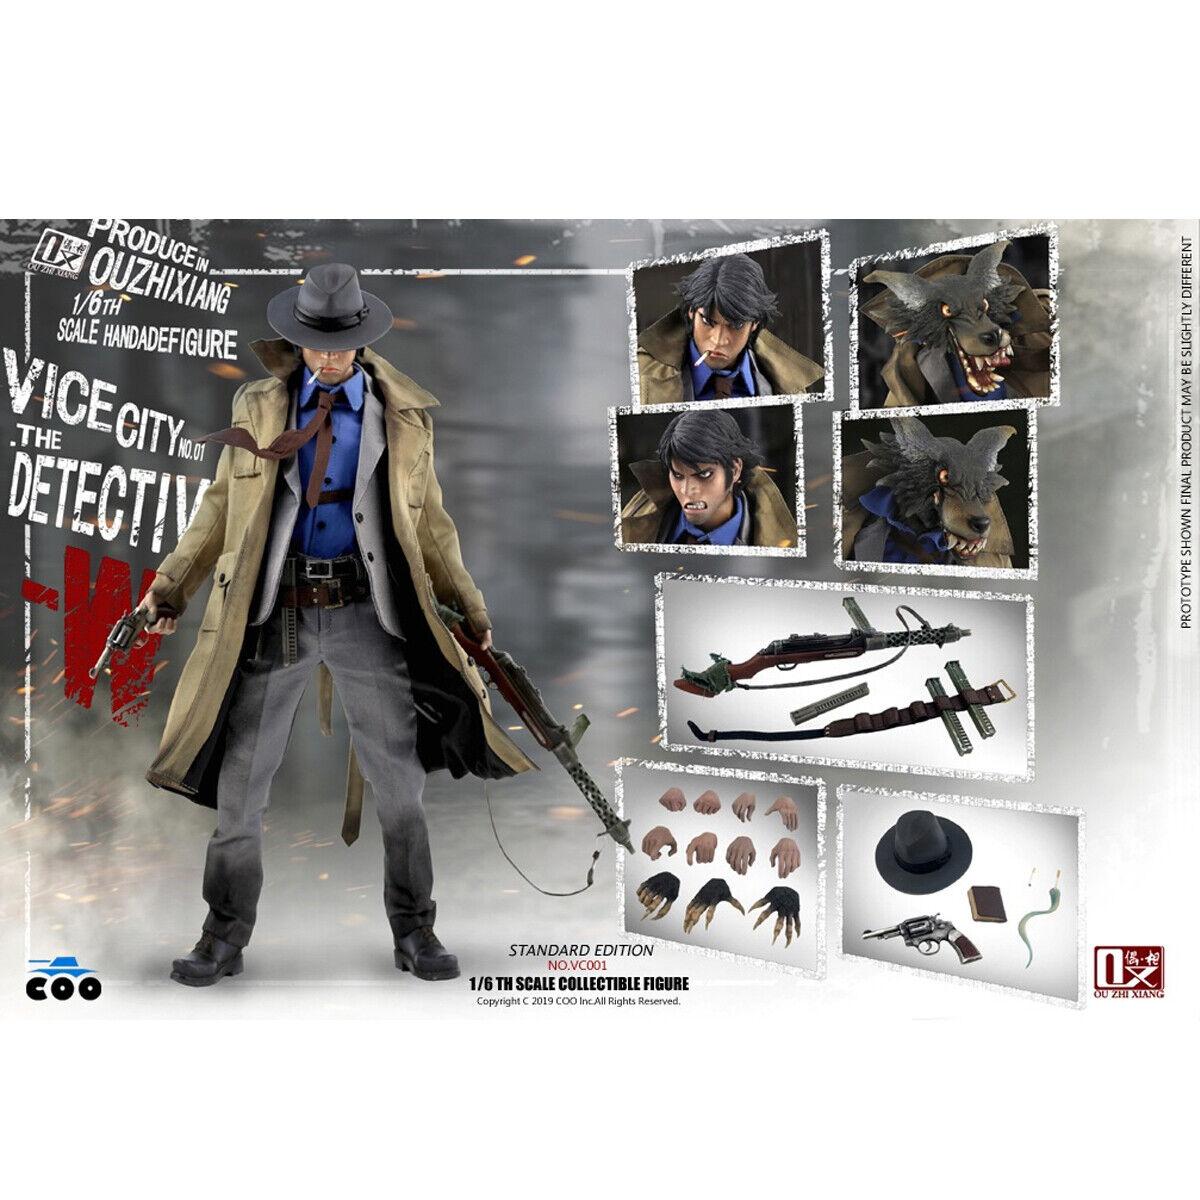 1 6 COOMODEL X ouzhixiang VC001 Vice City el inspector W 12  Figura de Acción Juguetes